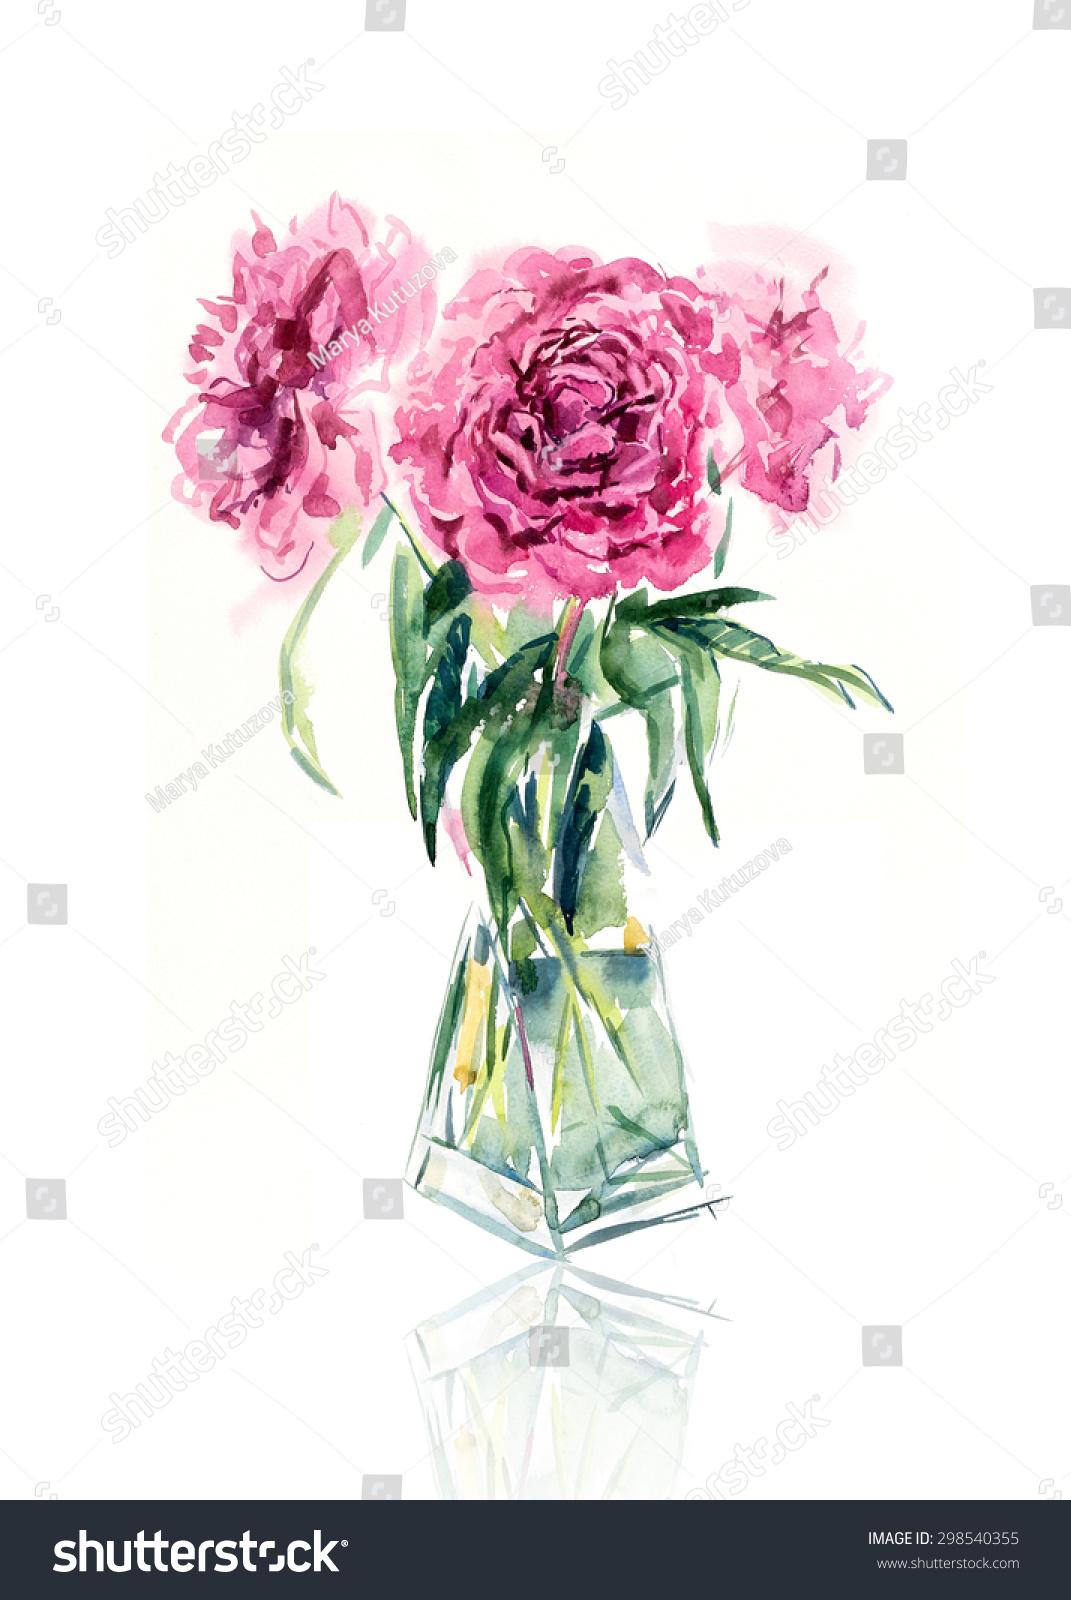 花的背景.水彩手绘插图-背景/素材